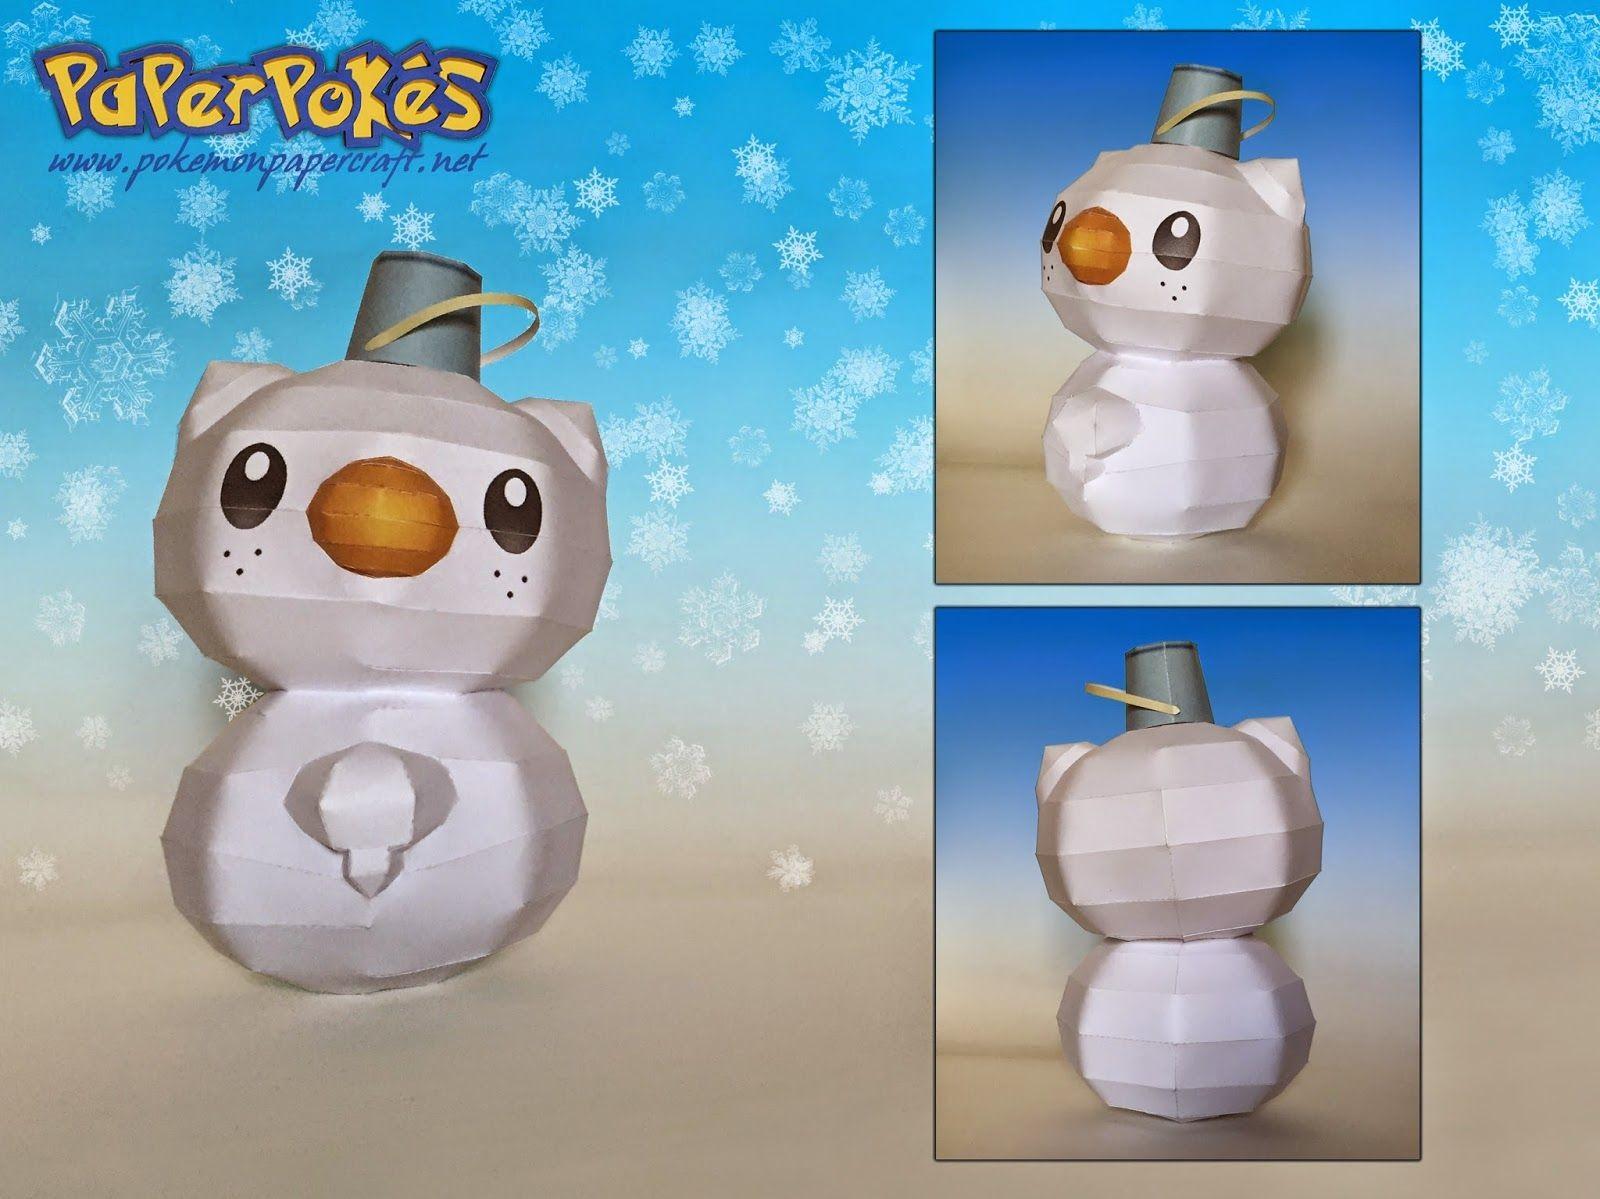 Pokemon Papercraft Paperpokés Pokémon Papercrafts Snowshawott